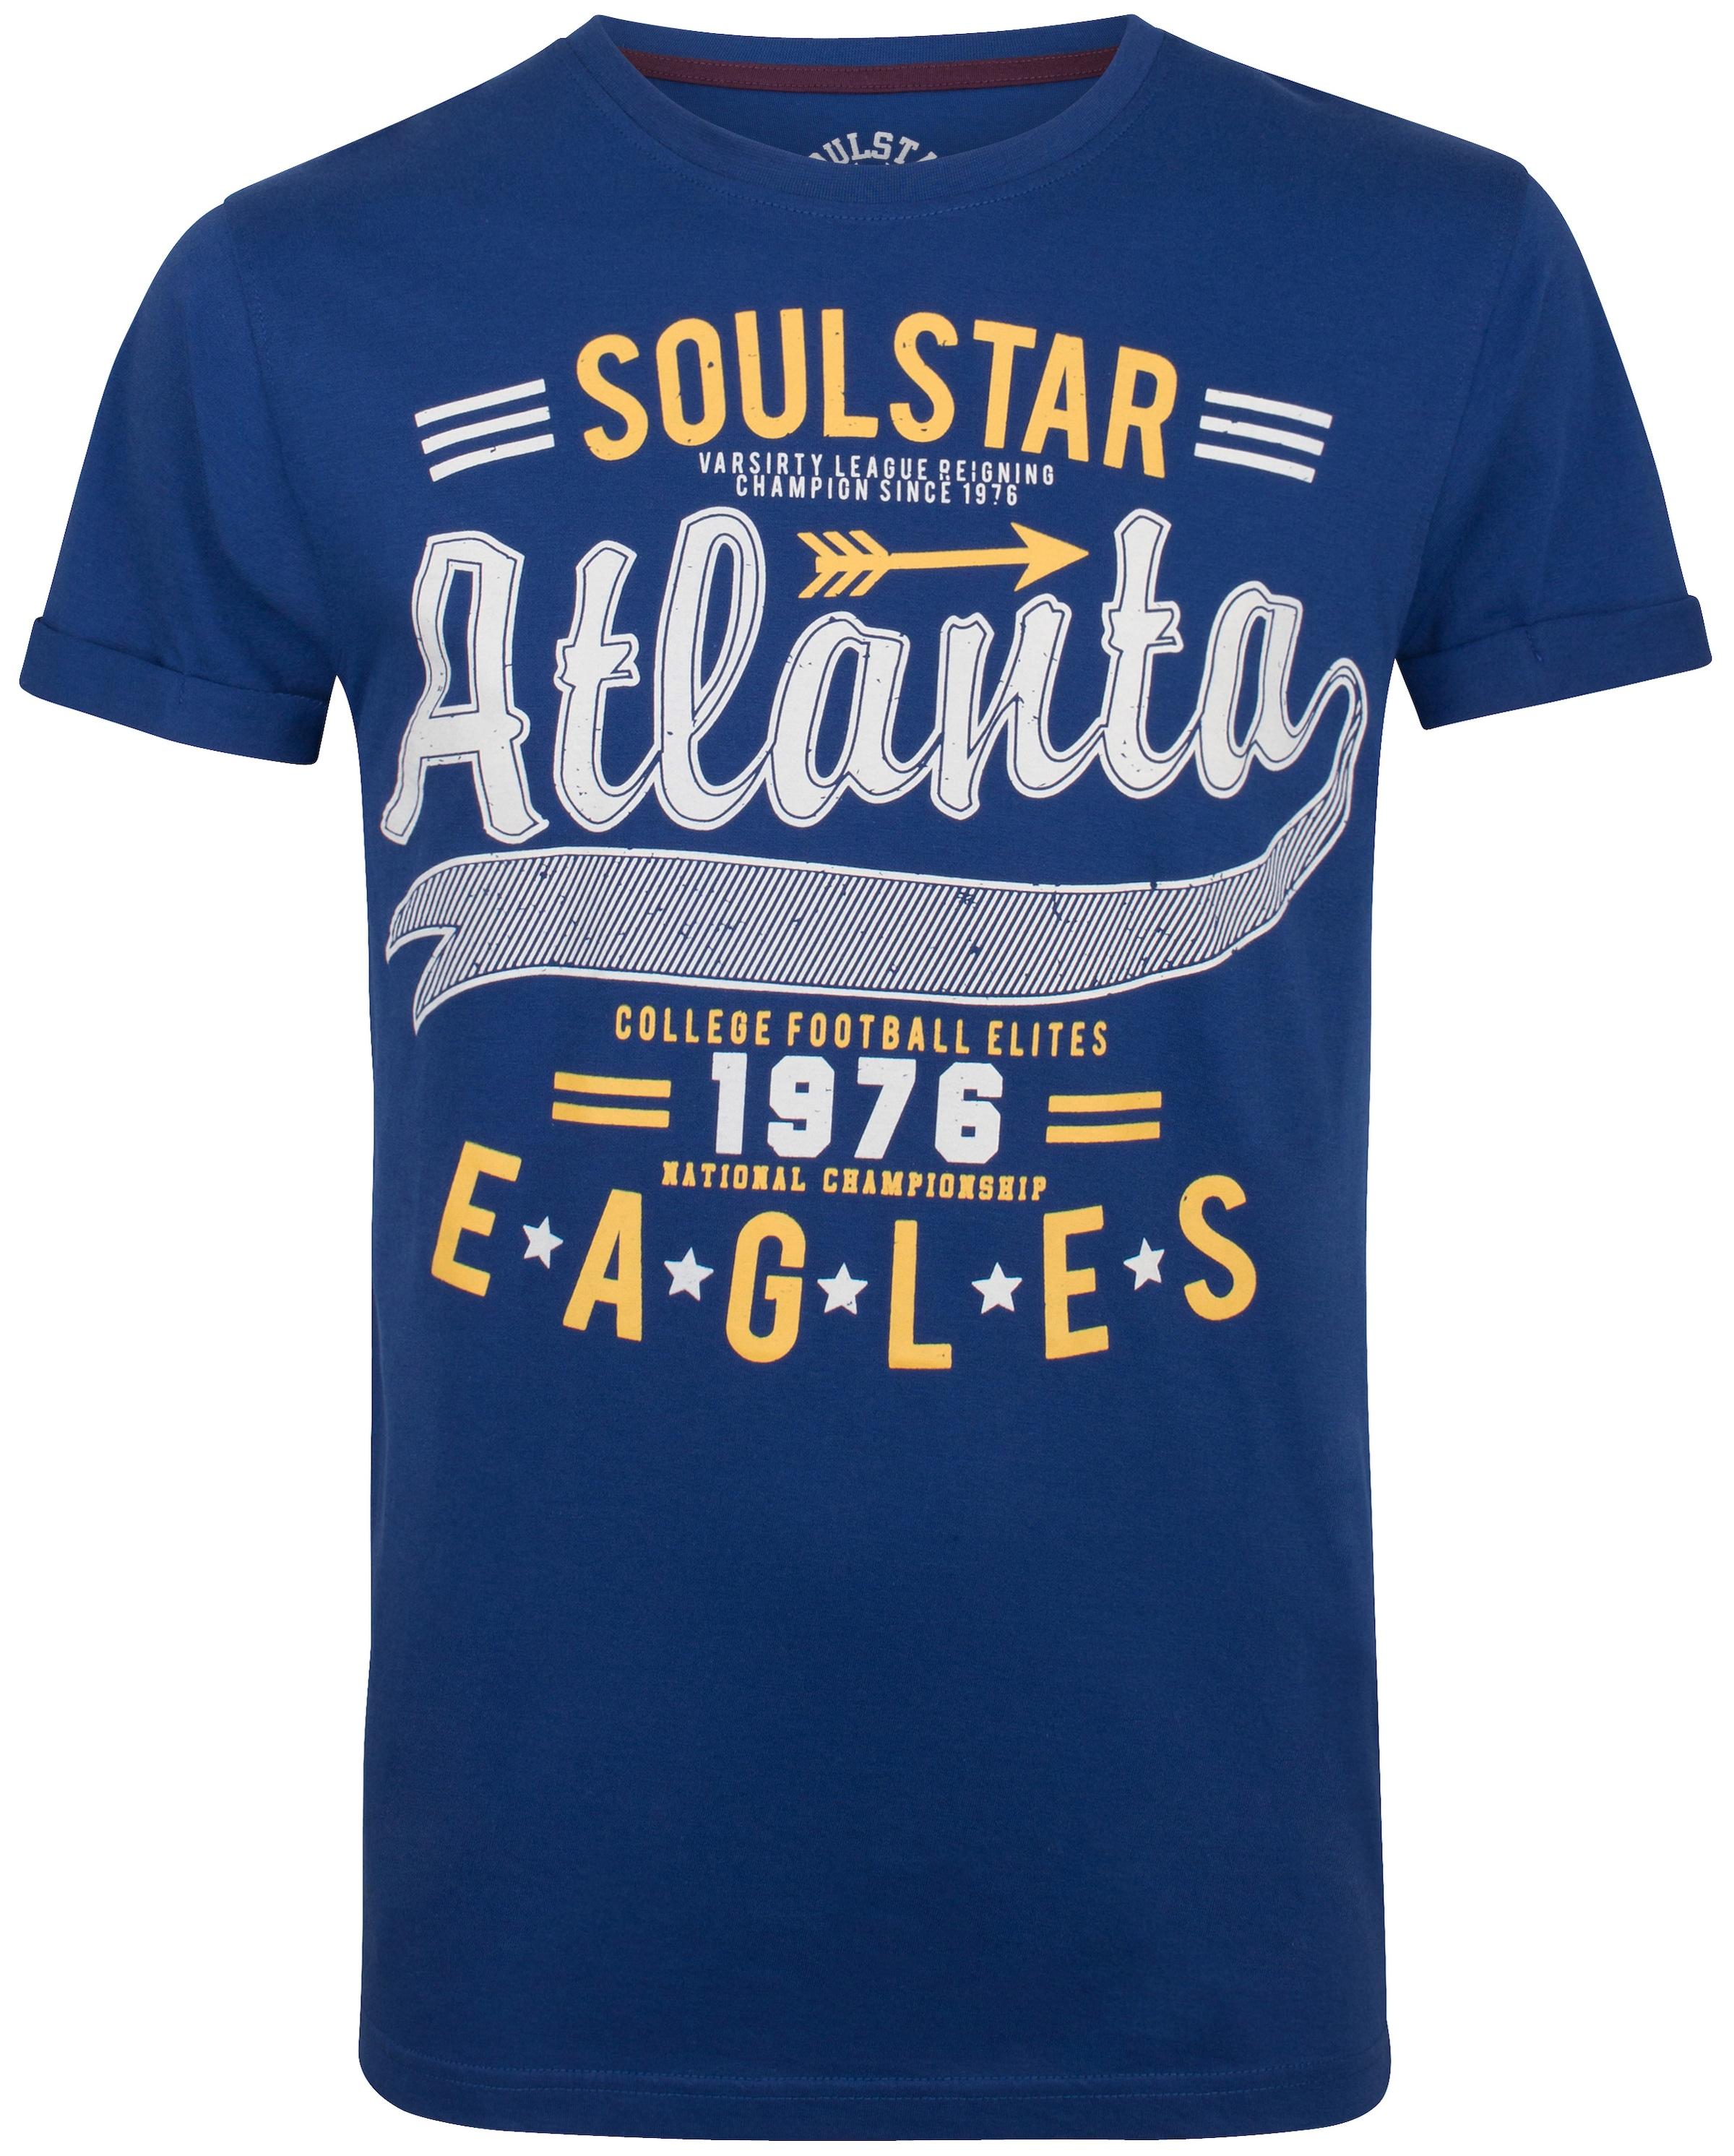 Wie Viel SOULSTAR T-Shirt Rabatt Offiziell Rabatt Nicekicks 100% Garantiert Online Einkaufen ASf8NRjH8Q